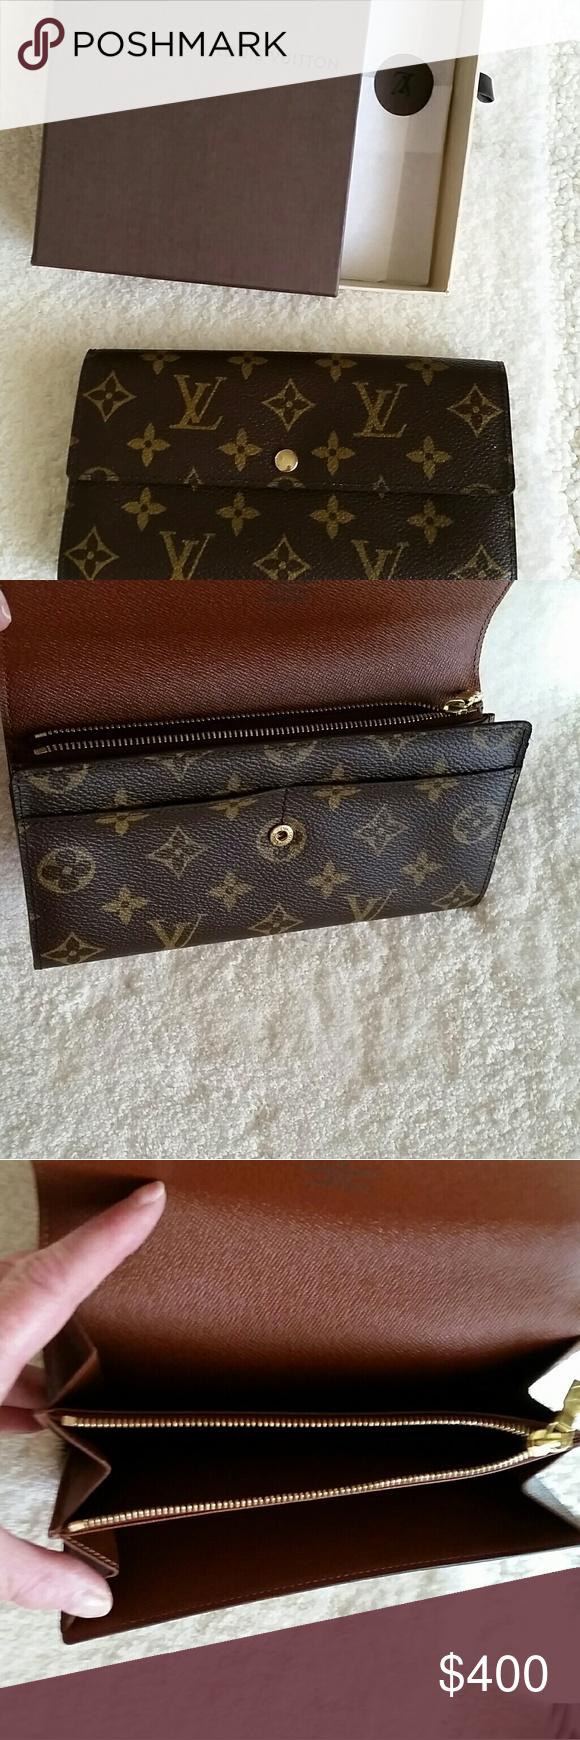 Louis Vuitton Vintage Sarah Wallet New Vintage Louis Vuitton Louis Vuitton Louis Vuitton Bag